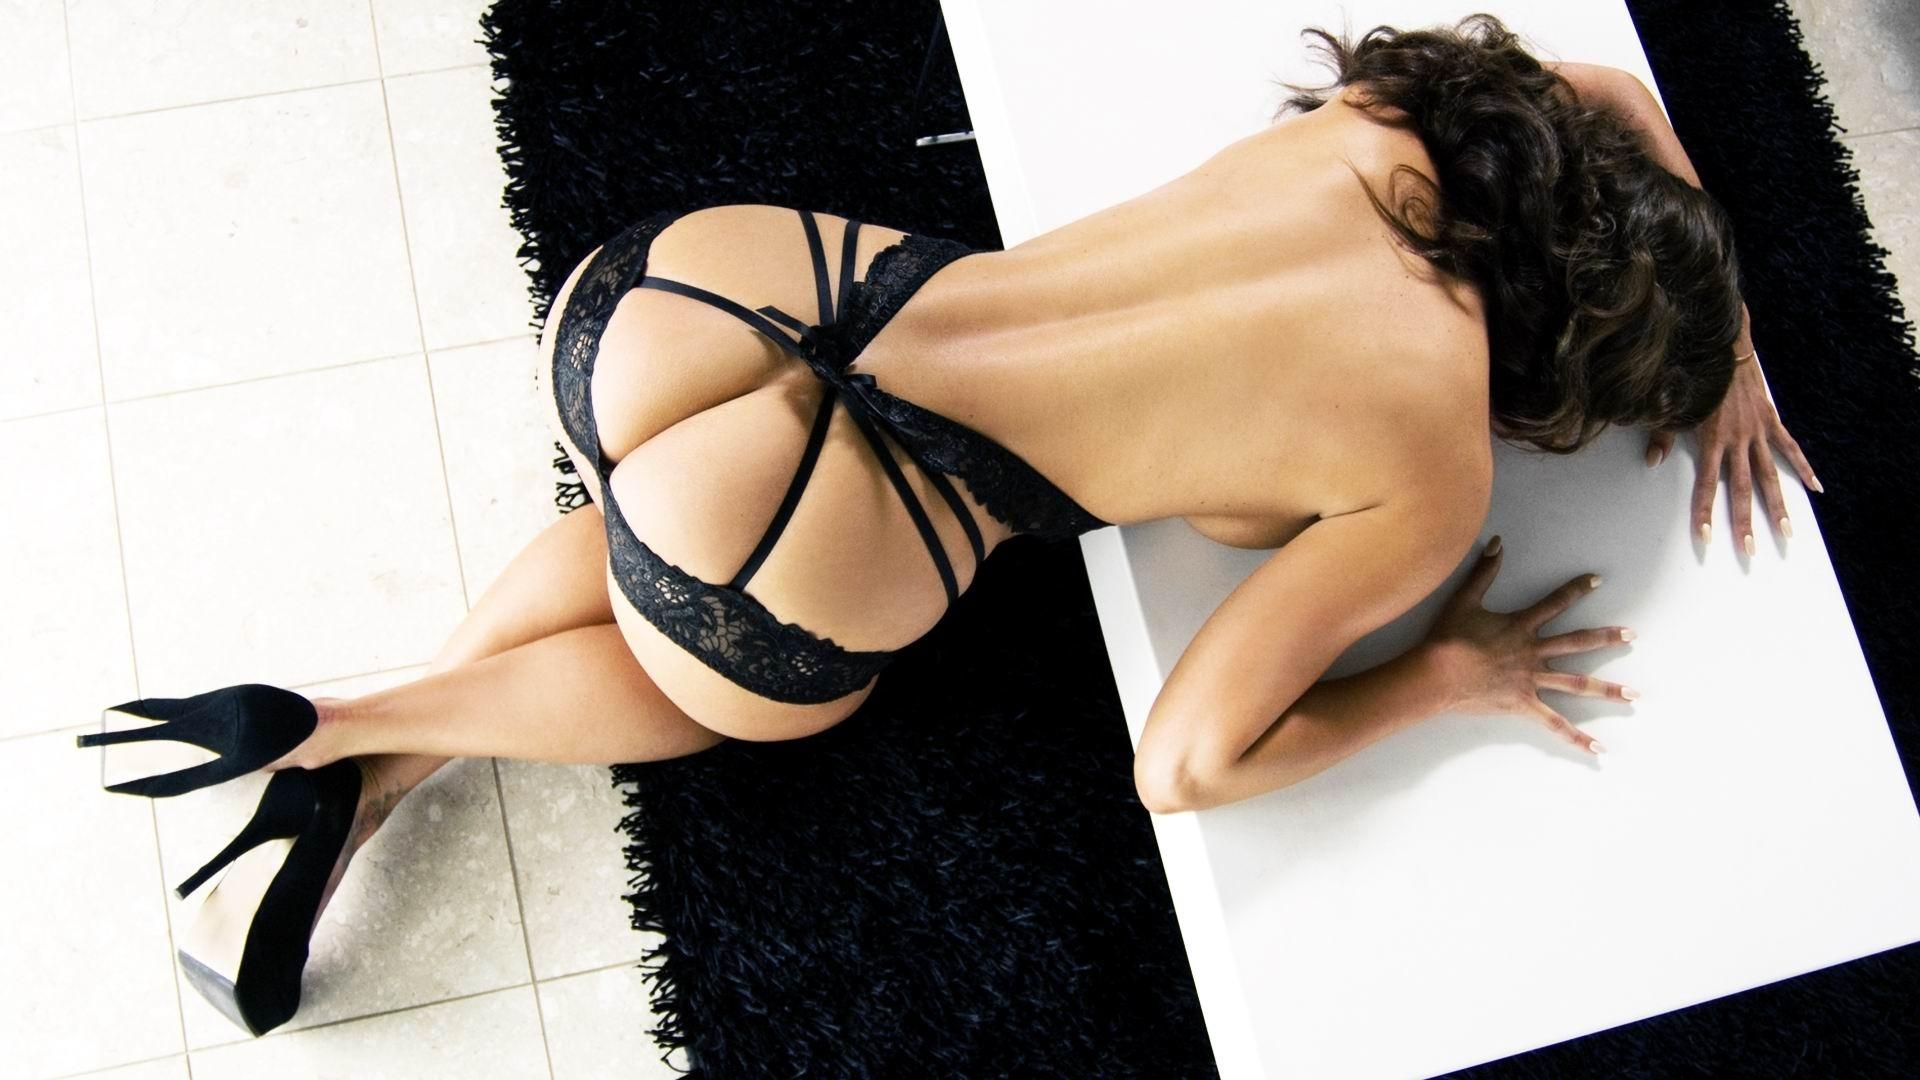 Порно в красивом белье - женское нижнее белье. Смотреть ...